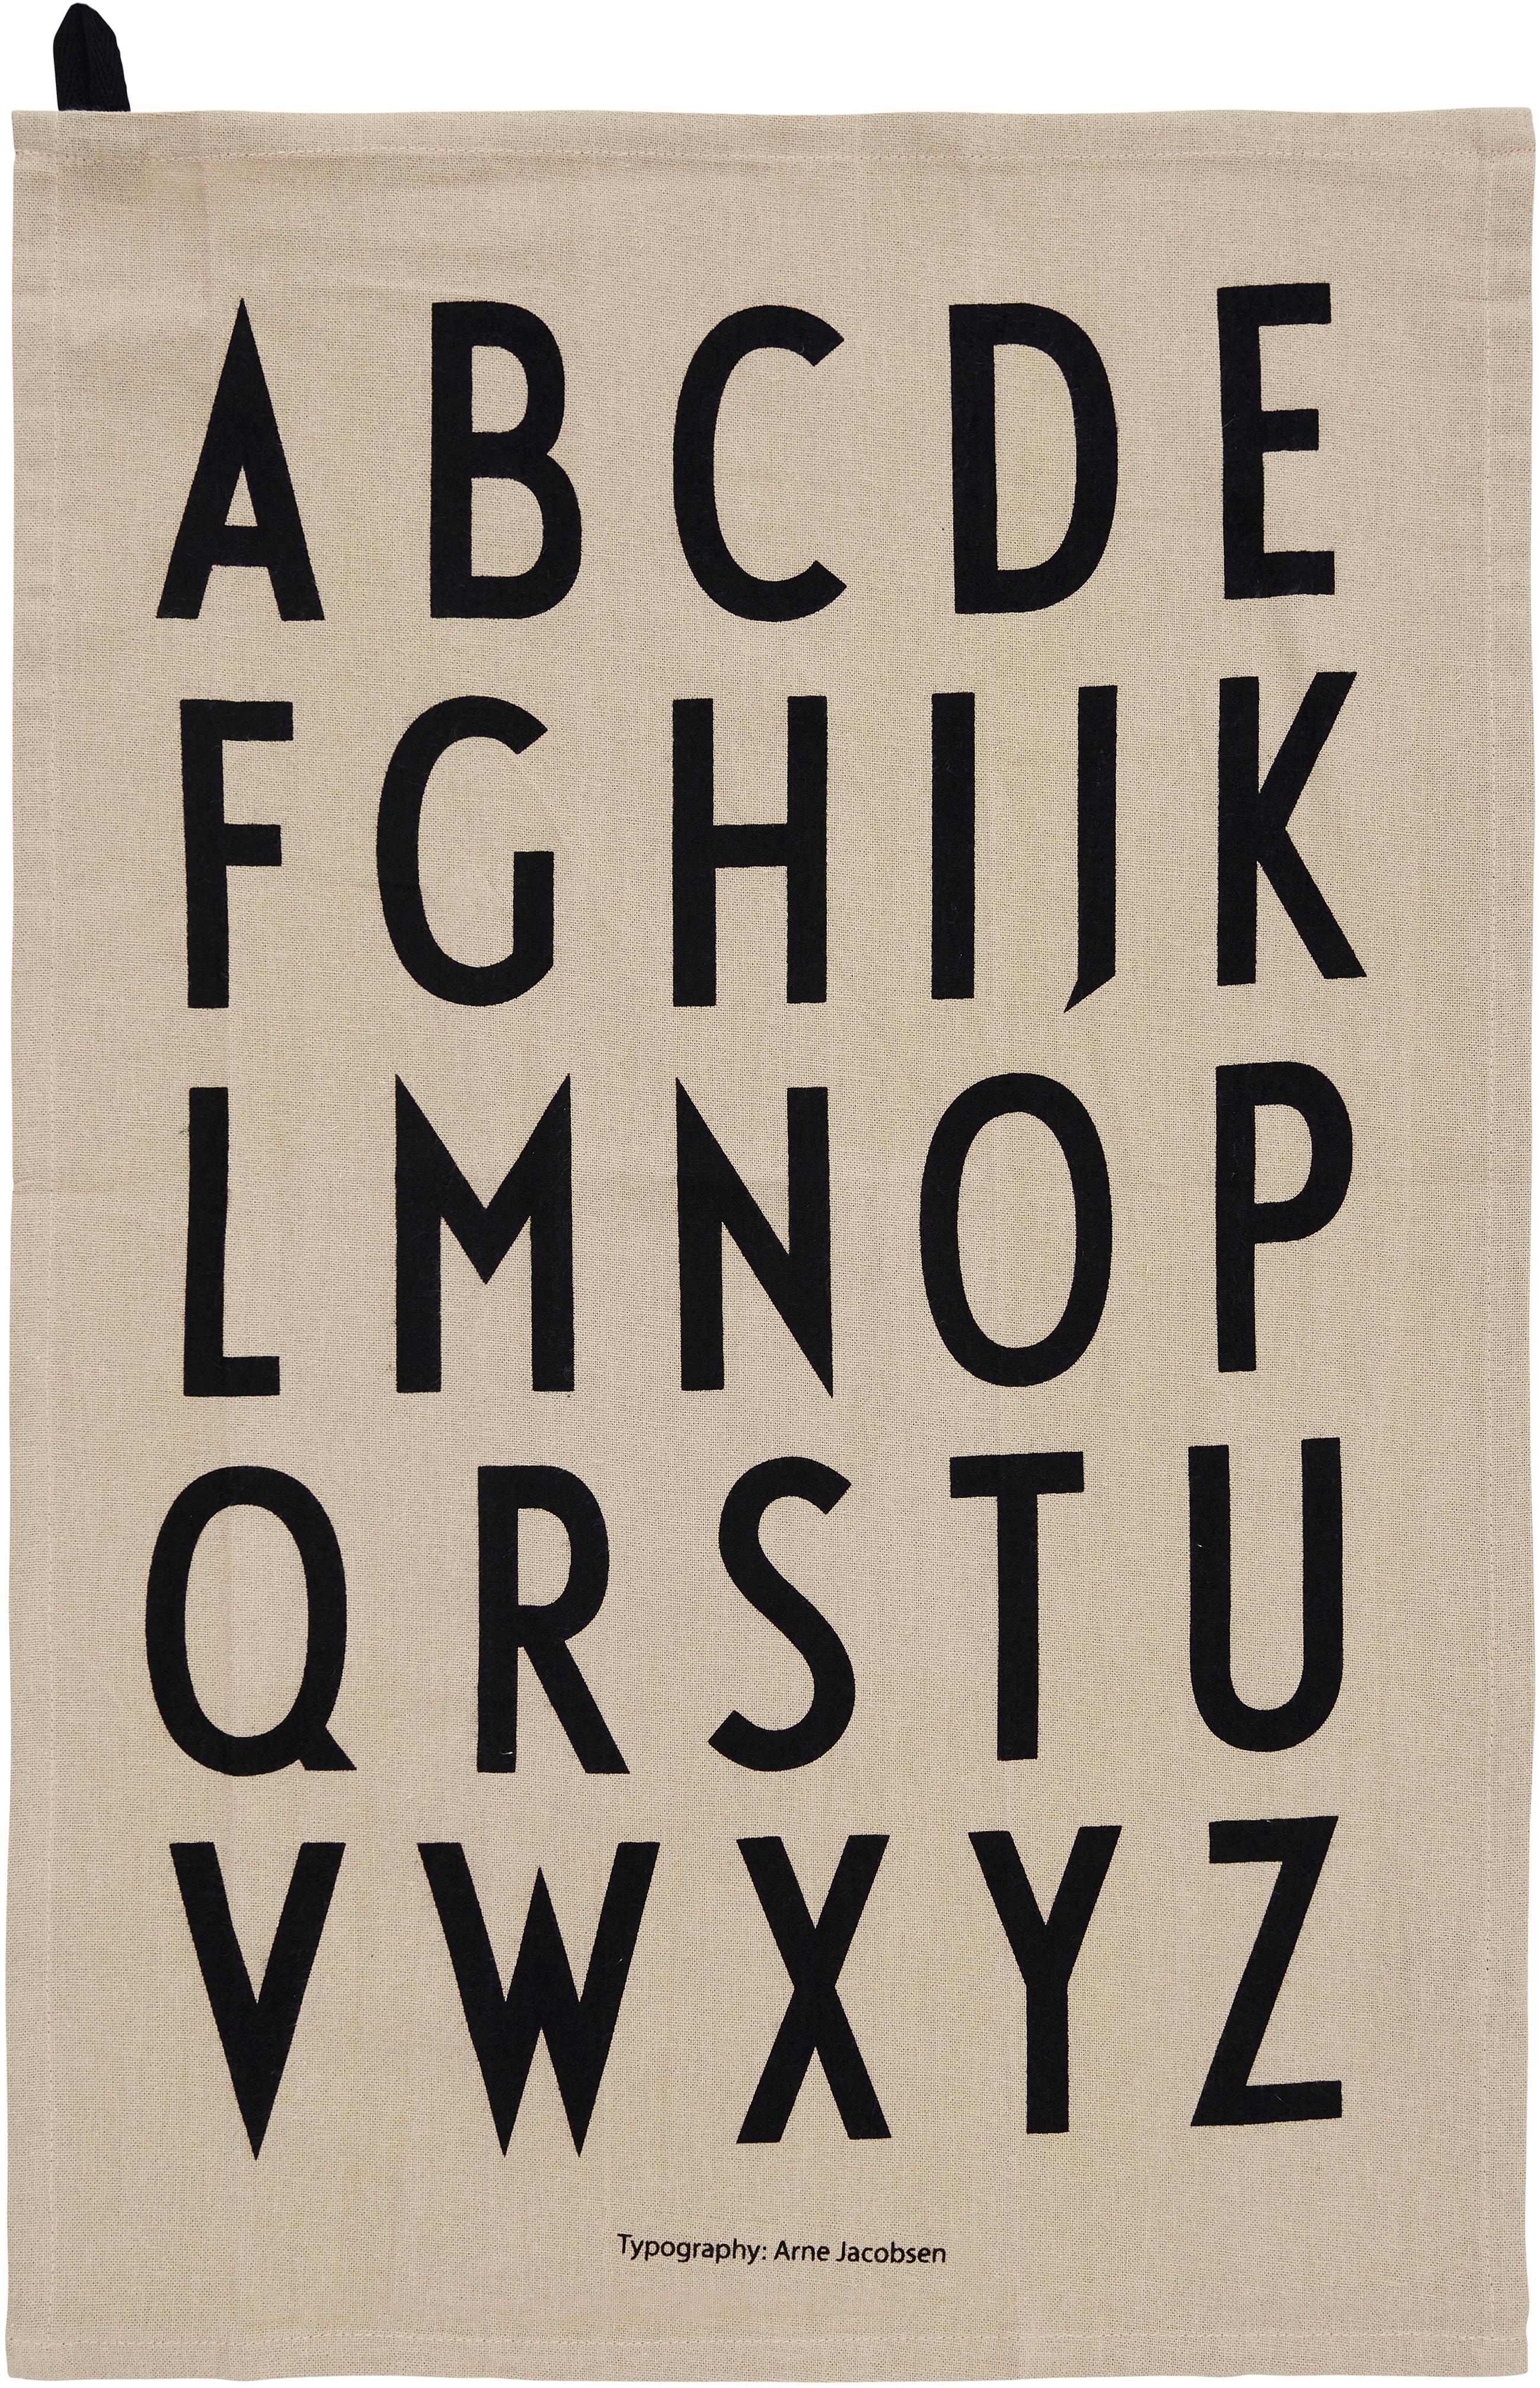 Theedoeken Classic in beige met design letters, 2 stuks, 100% katoen, Beige, zwart, 40 x 60 cm